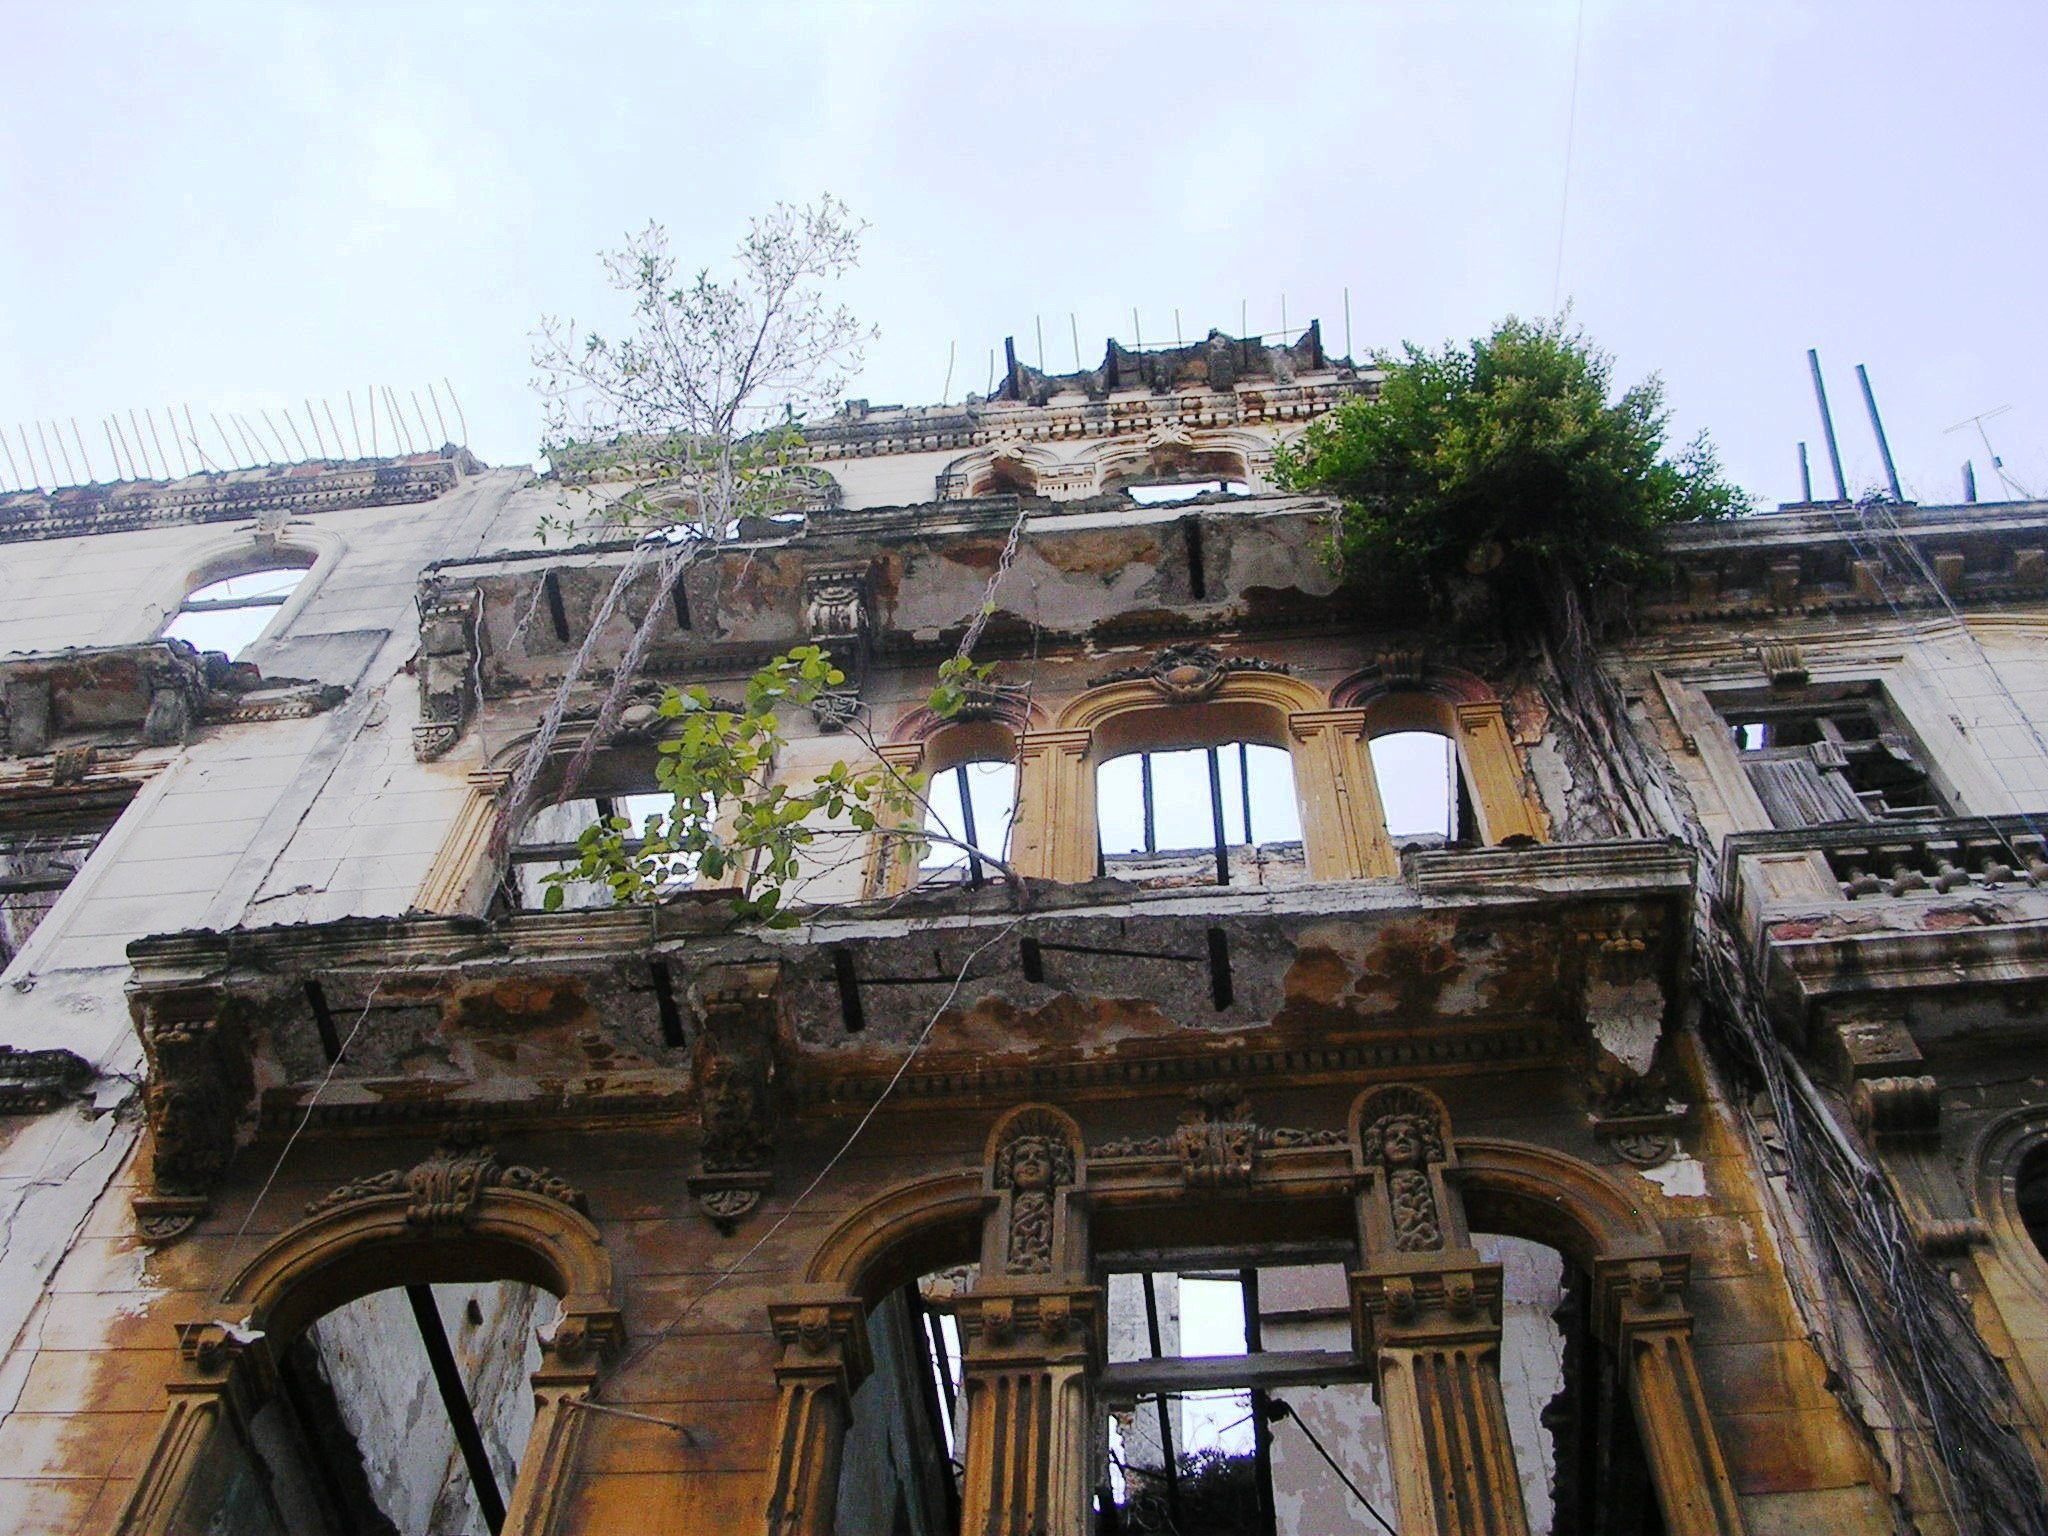 Cuba Apr 2012 090